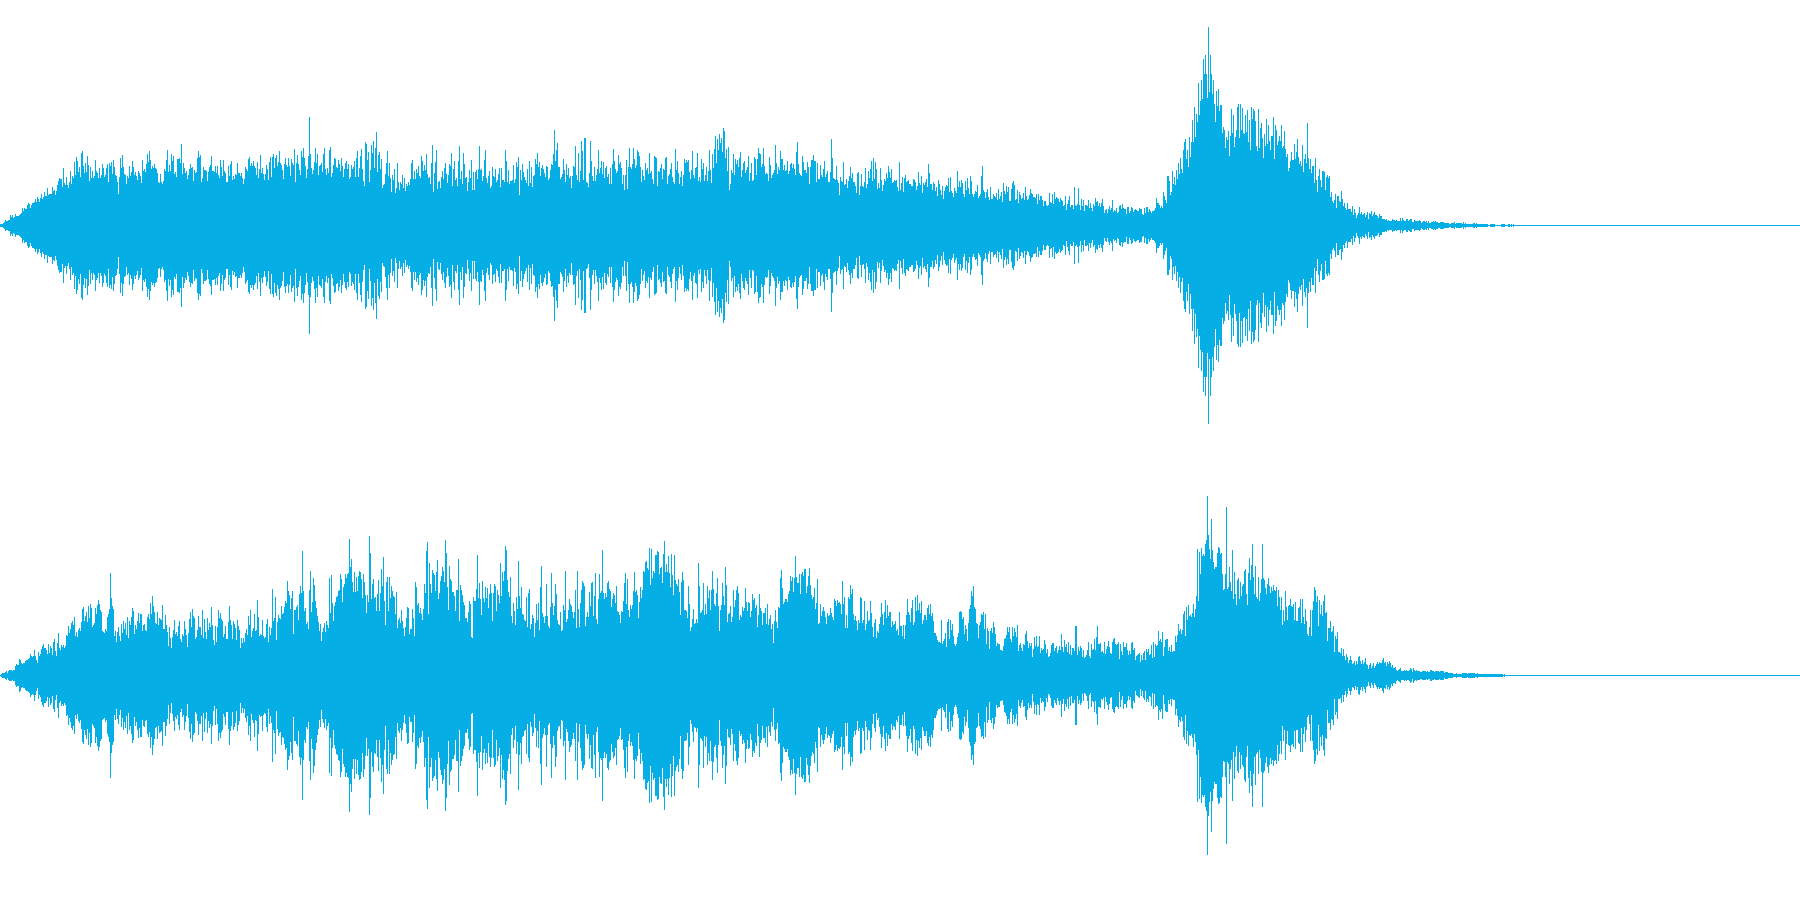 ワープ 宇宙的 未来的な効果音 04の再生済みの波形